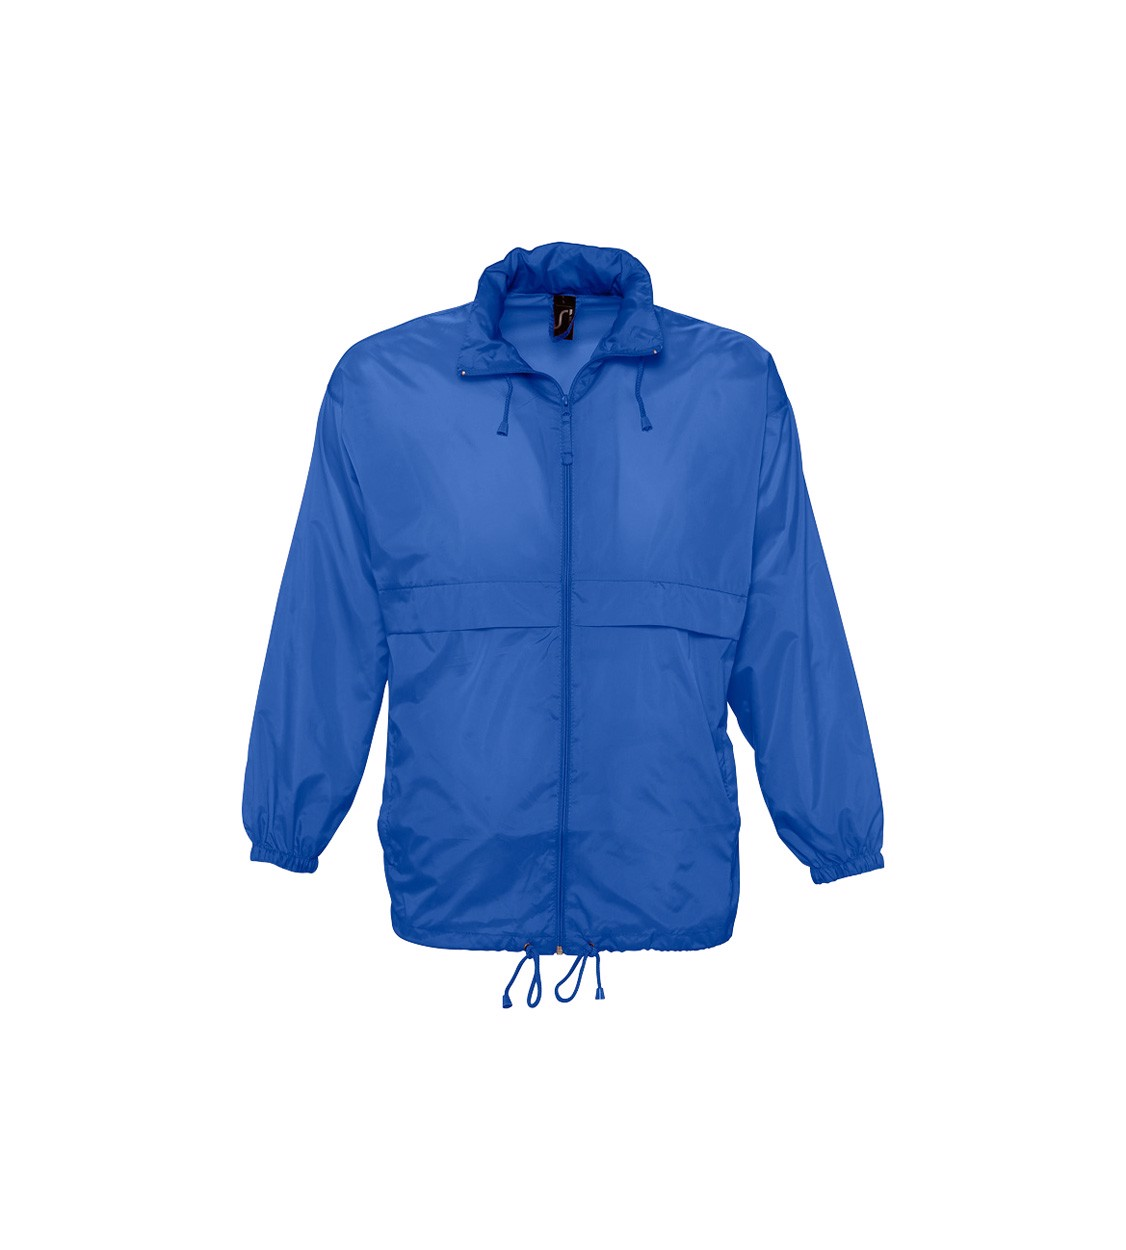 Unisex Jacket Surf 210 - Blue / M